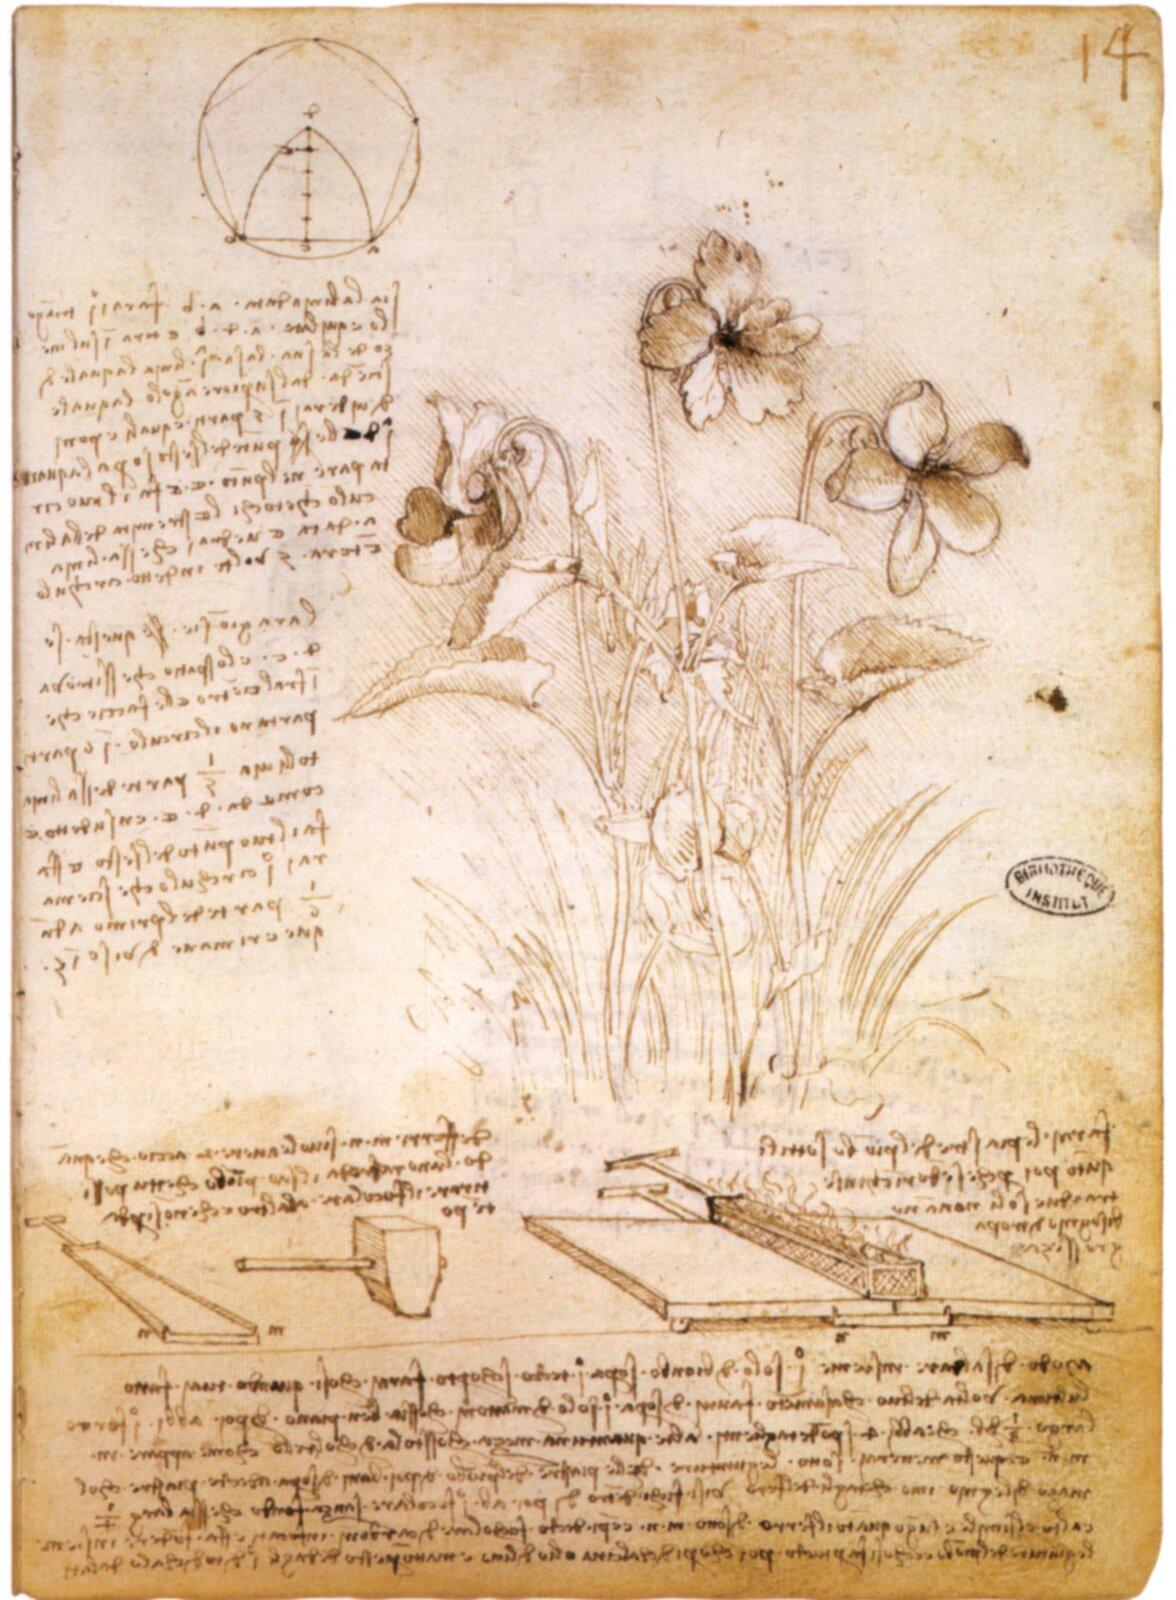 Notatki zbotaniki RękopisLeonarda da Vinci znotatkami zbotaniki. Obecnie przechowywany wBibliotece wParyżu. Zwróć uwagę na notatki sporządzone słynnym pismem lustrzanym – litery miały normalny wygląd dopiero gdy oglądało się je odbite wlustrze. Źródło: Leonardo da Vinci, Notatki zbotaniki, ok. 1490, Biblioteka wParyżu, domena publiczna.